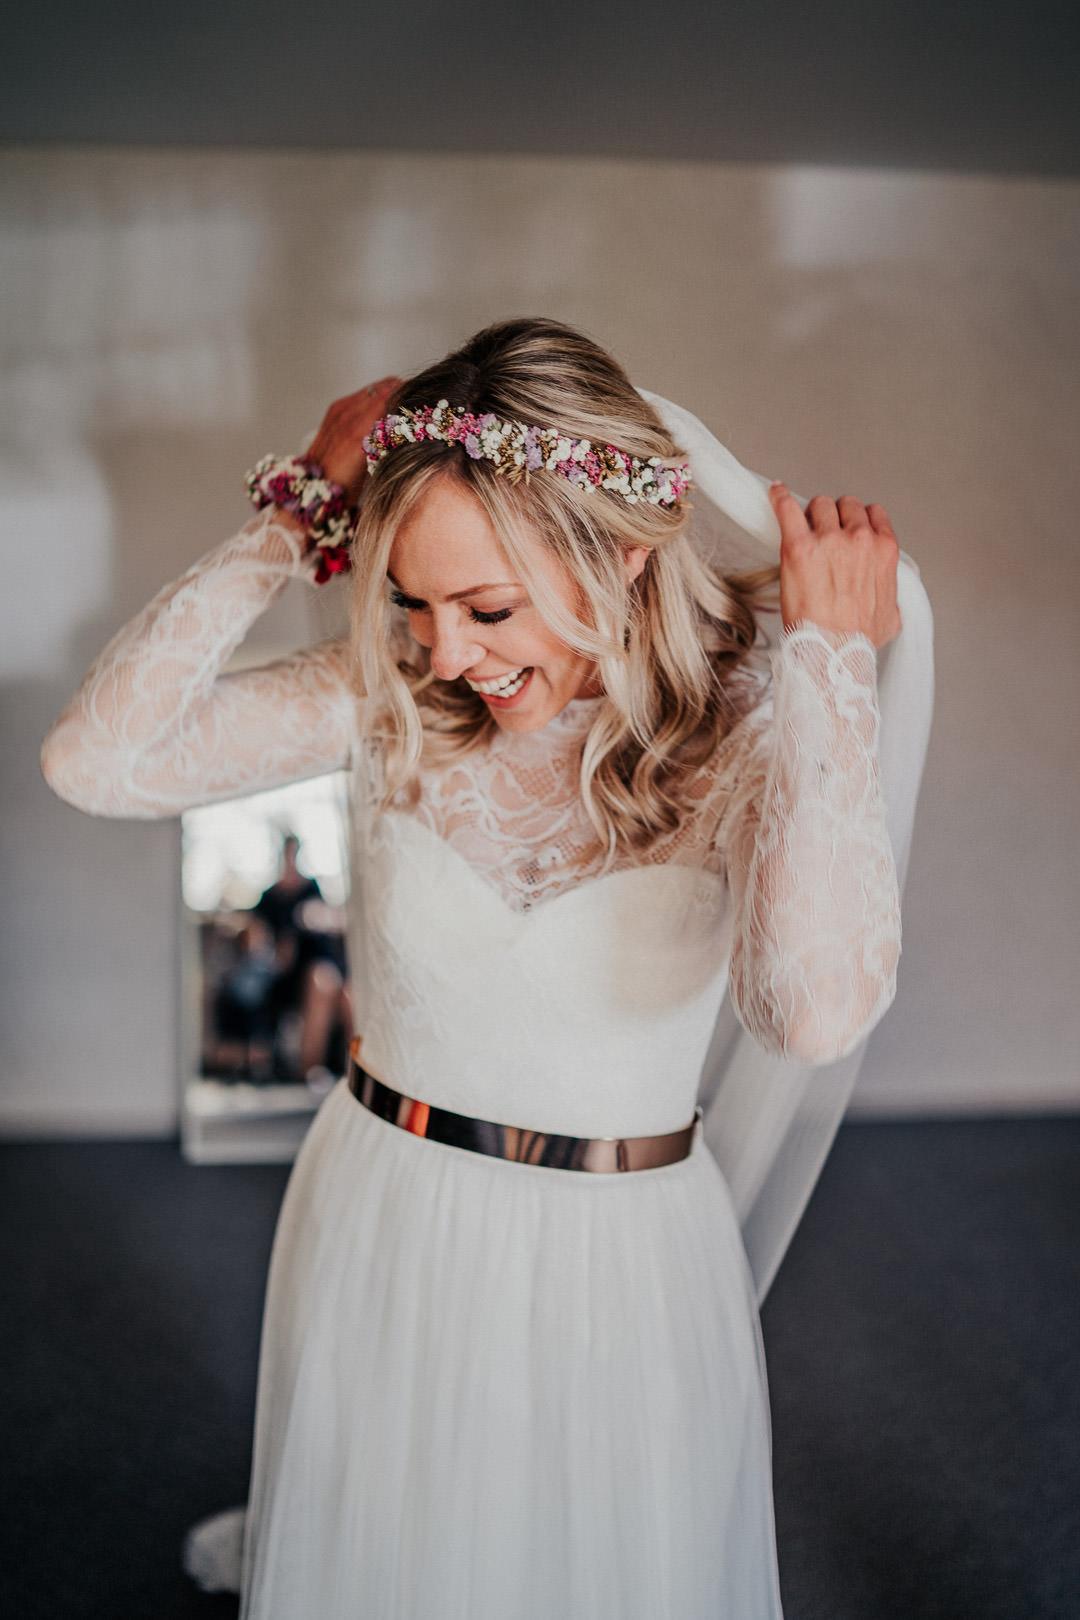 Glückliche Braut beim Getting Ready für die Hochzeit nahe Weilburg